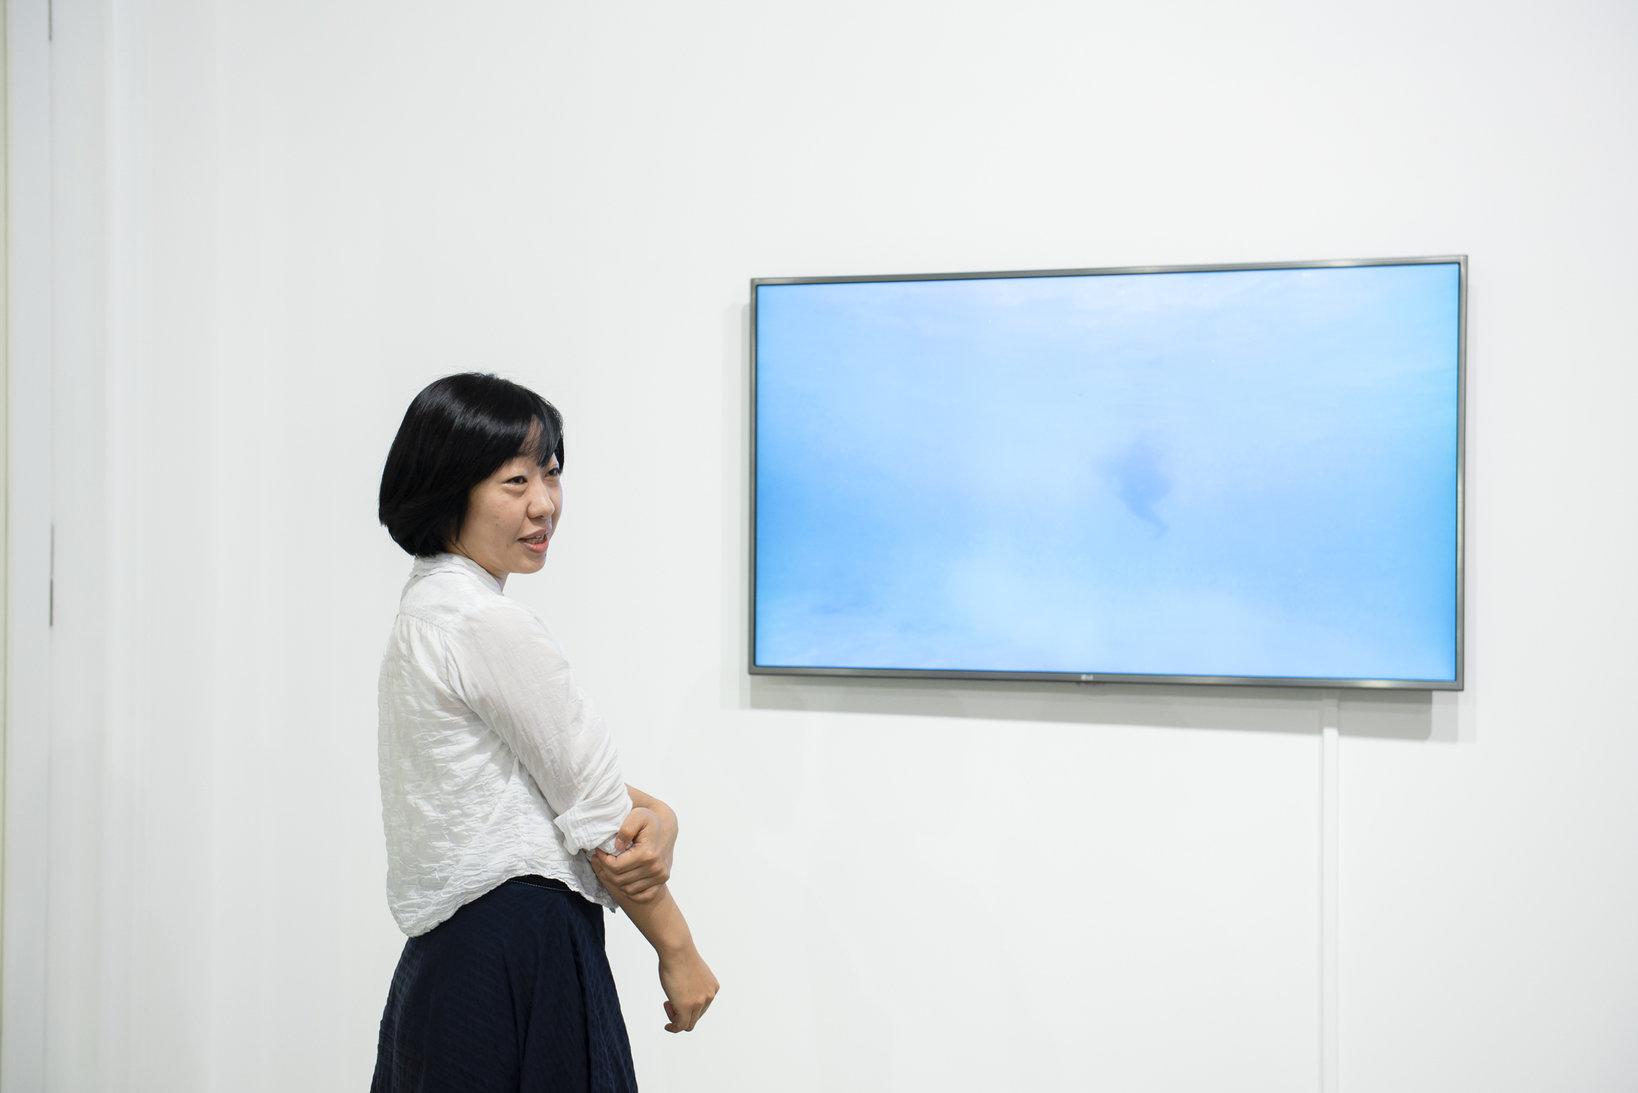 浦野むつみ(MUTSUMI URANO)さん。白石コンテンポラリーアート(現SCAI THE BATHHOUSE)を経て2007年に独立。「URANO」(旧ARATANIURANO)を設立し、様々なアーティストと協働しながら、展覧会のほか、プロジェクトやイベントなど実験的な活動を展開。2016年に天王洲に移転。既存の枠にとらわれない自由なスタイルのギャラリーを目指し、2018年11月に山本現代、ハシモトアートオフィスと2018年11月に「ANOMALY」を立ち上げた。